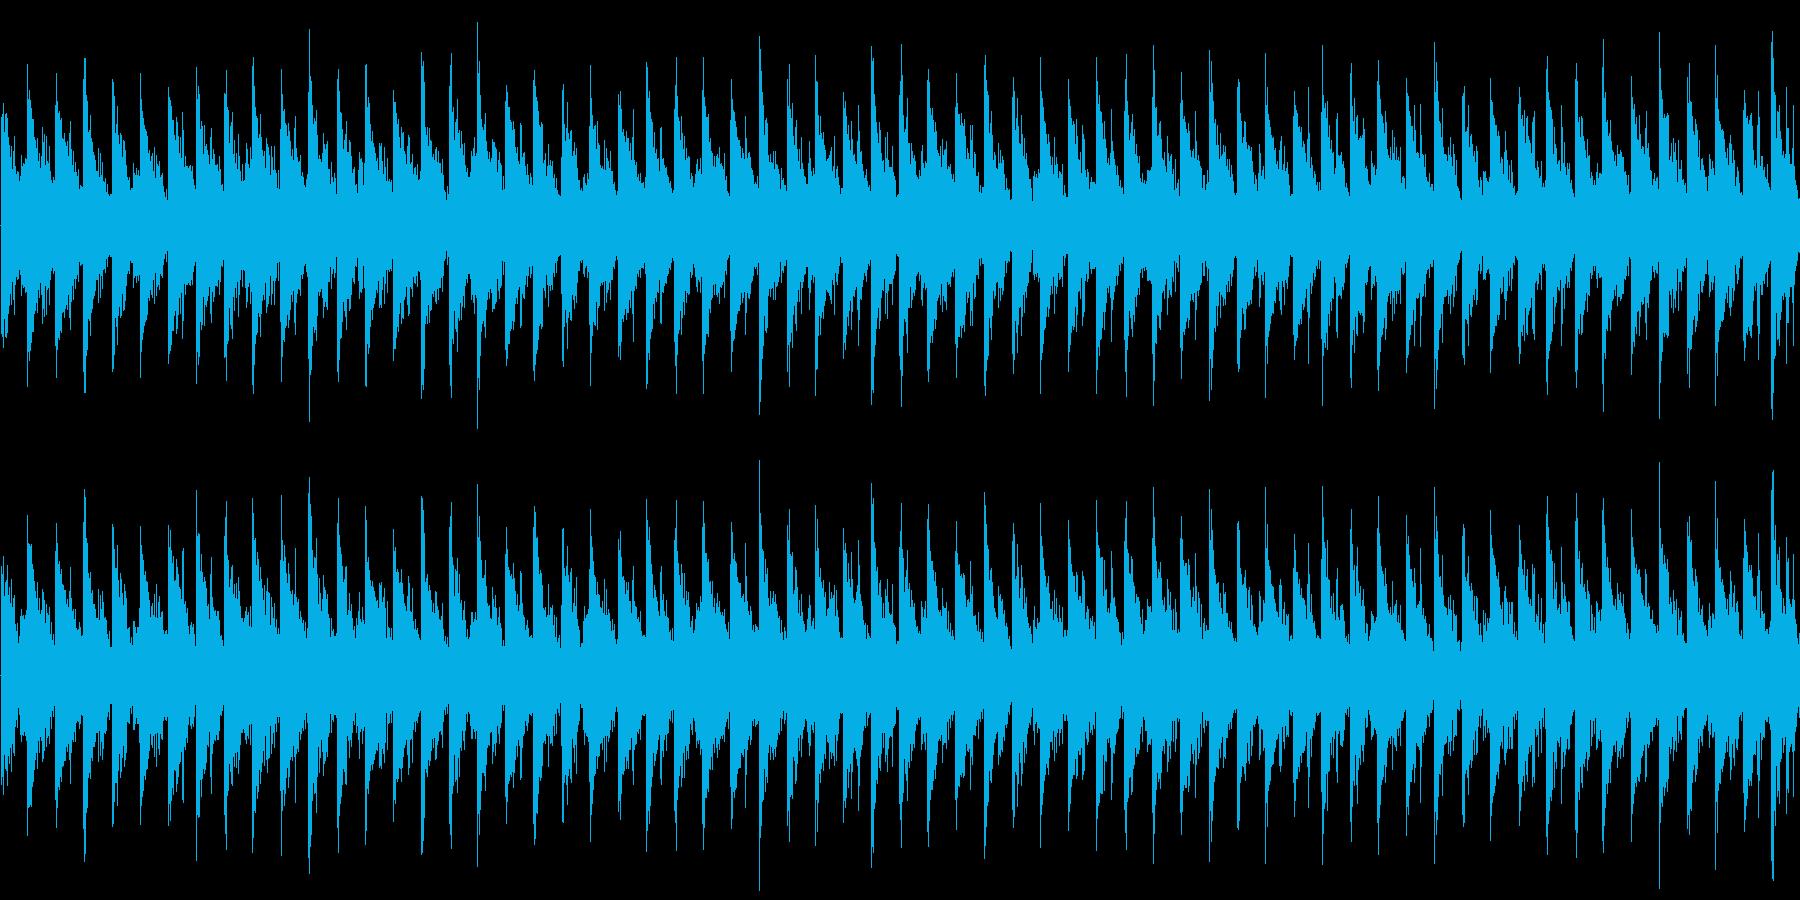 ふわふわとした空気感を味わえる楽曲です。の再生済みの波形